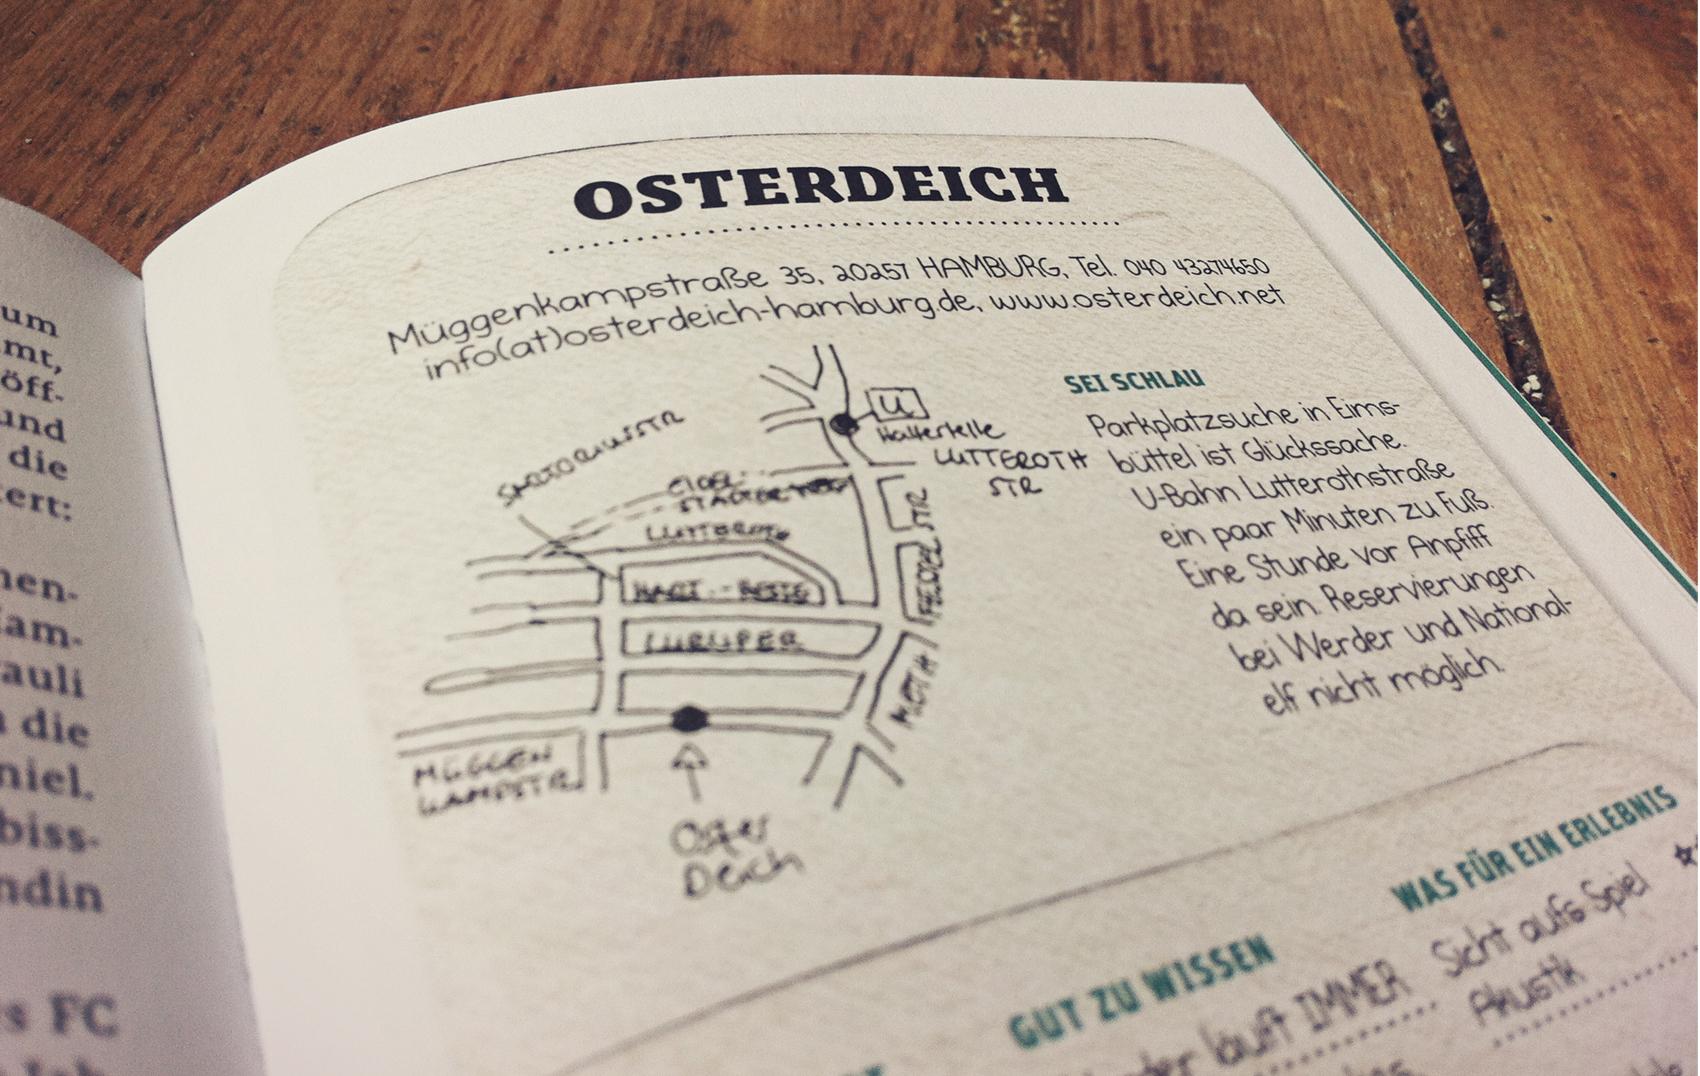 Osterdeich